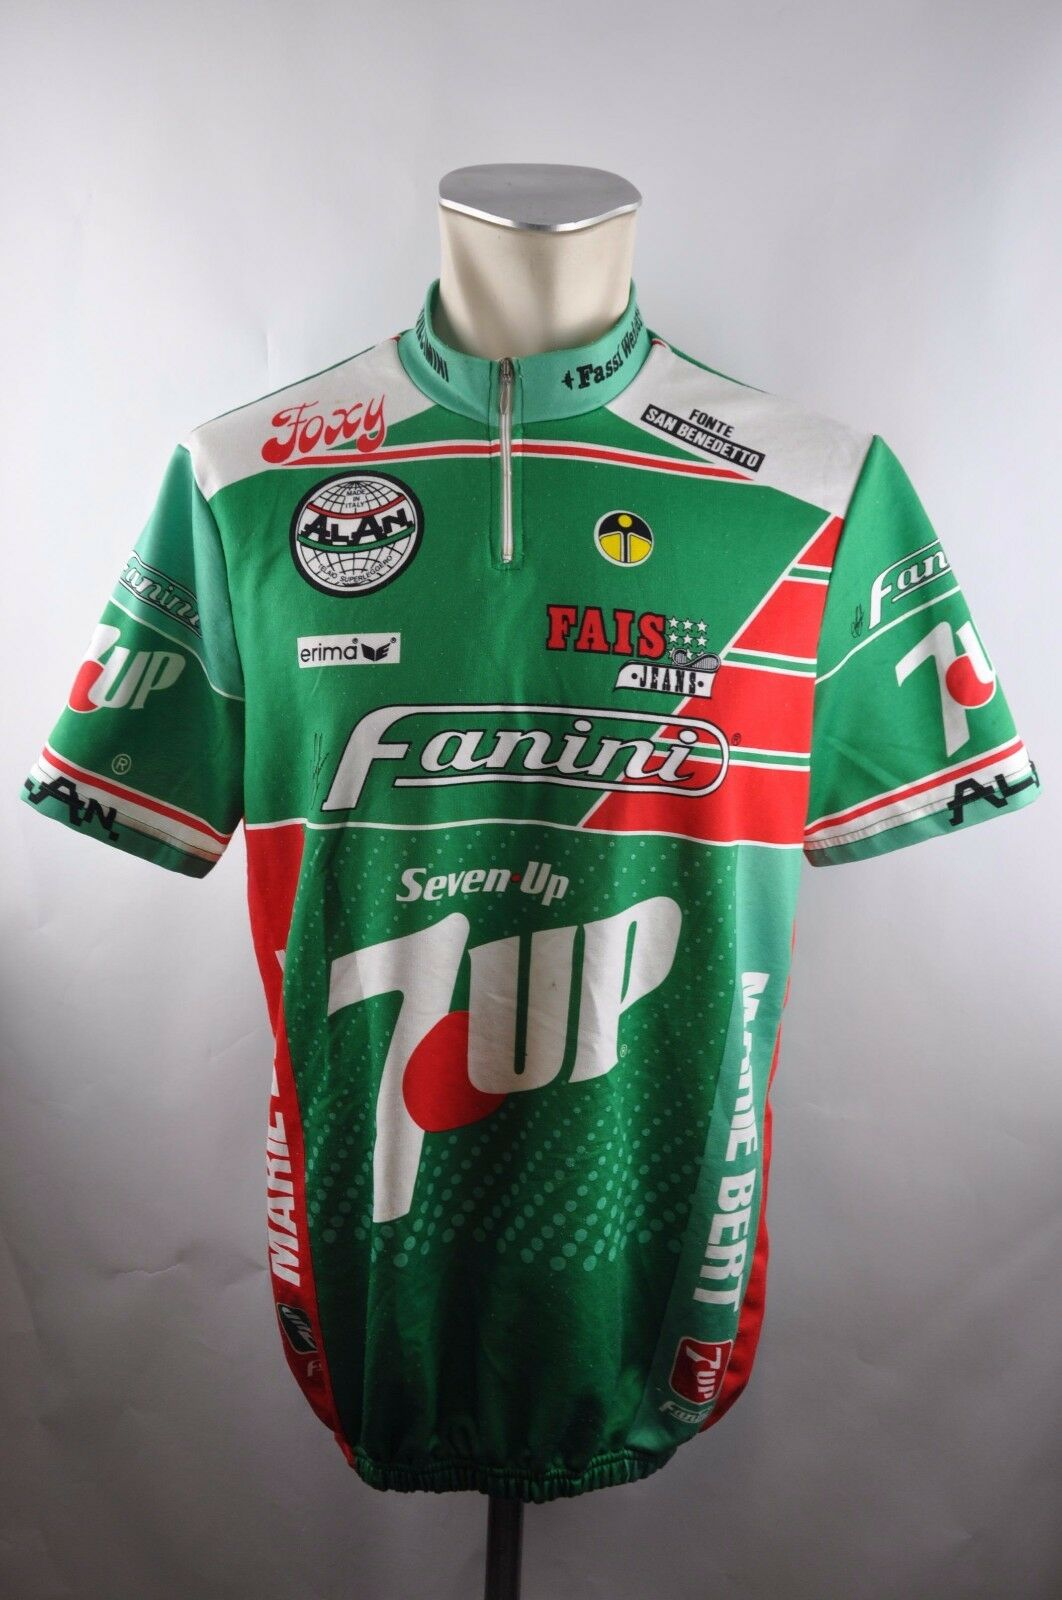 Erima 7up seven up vintage cycling jersey Bike Rad Trikot Gr. 7 58cm U5